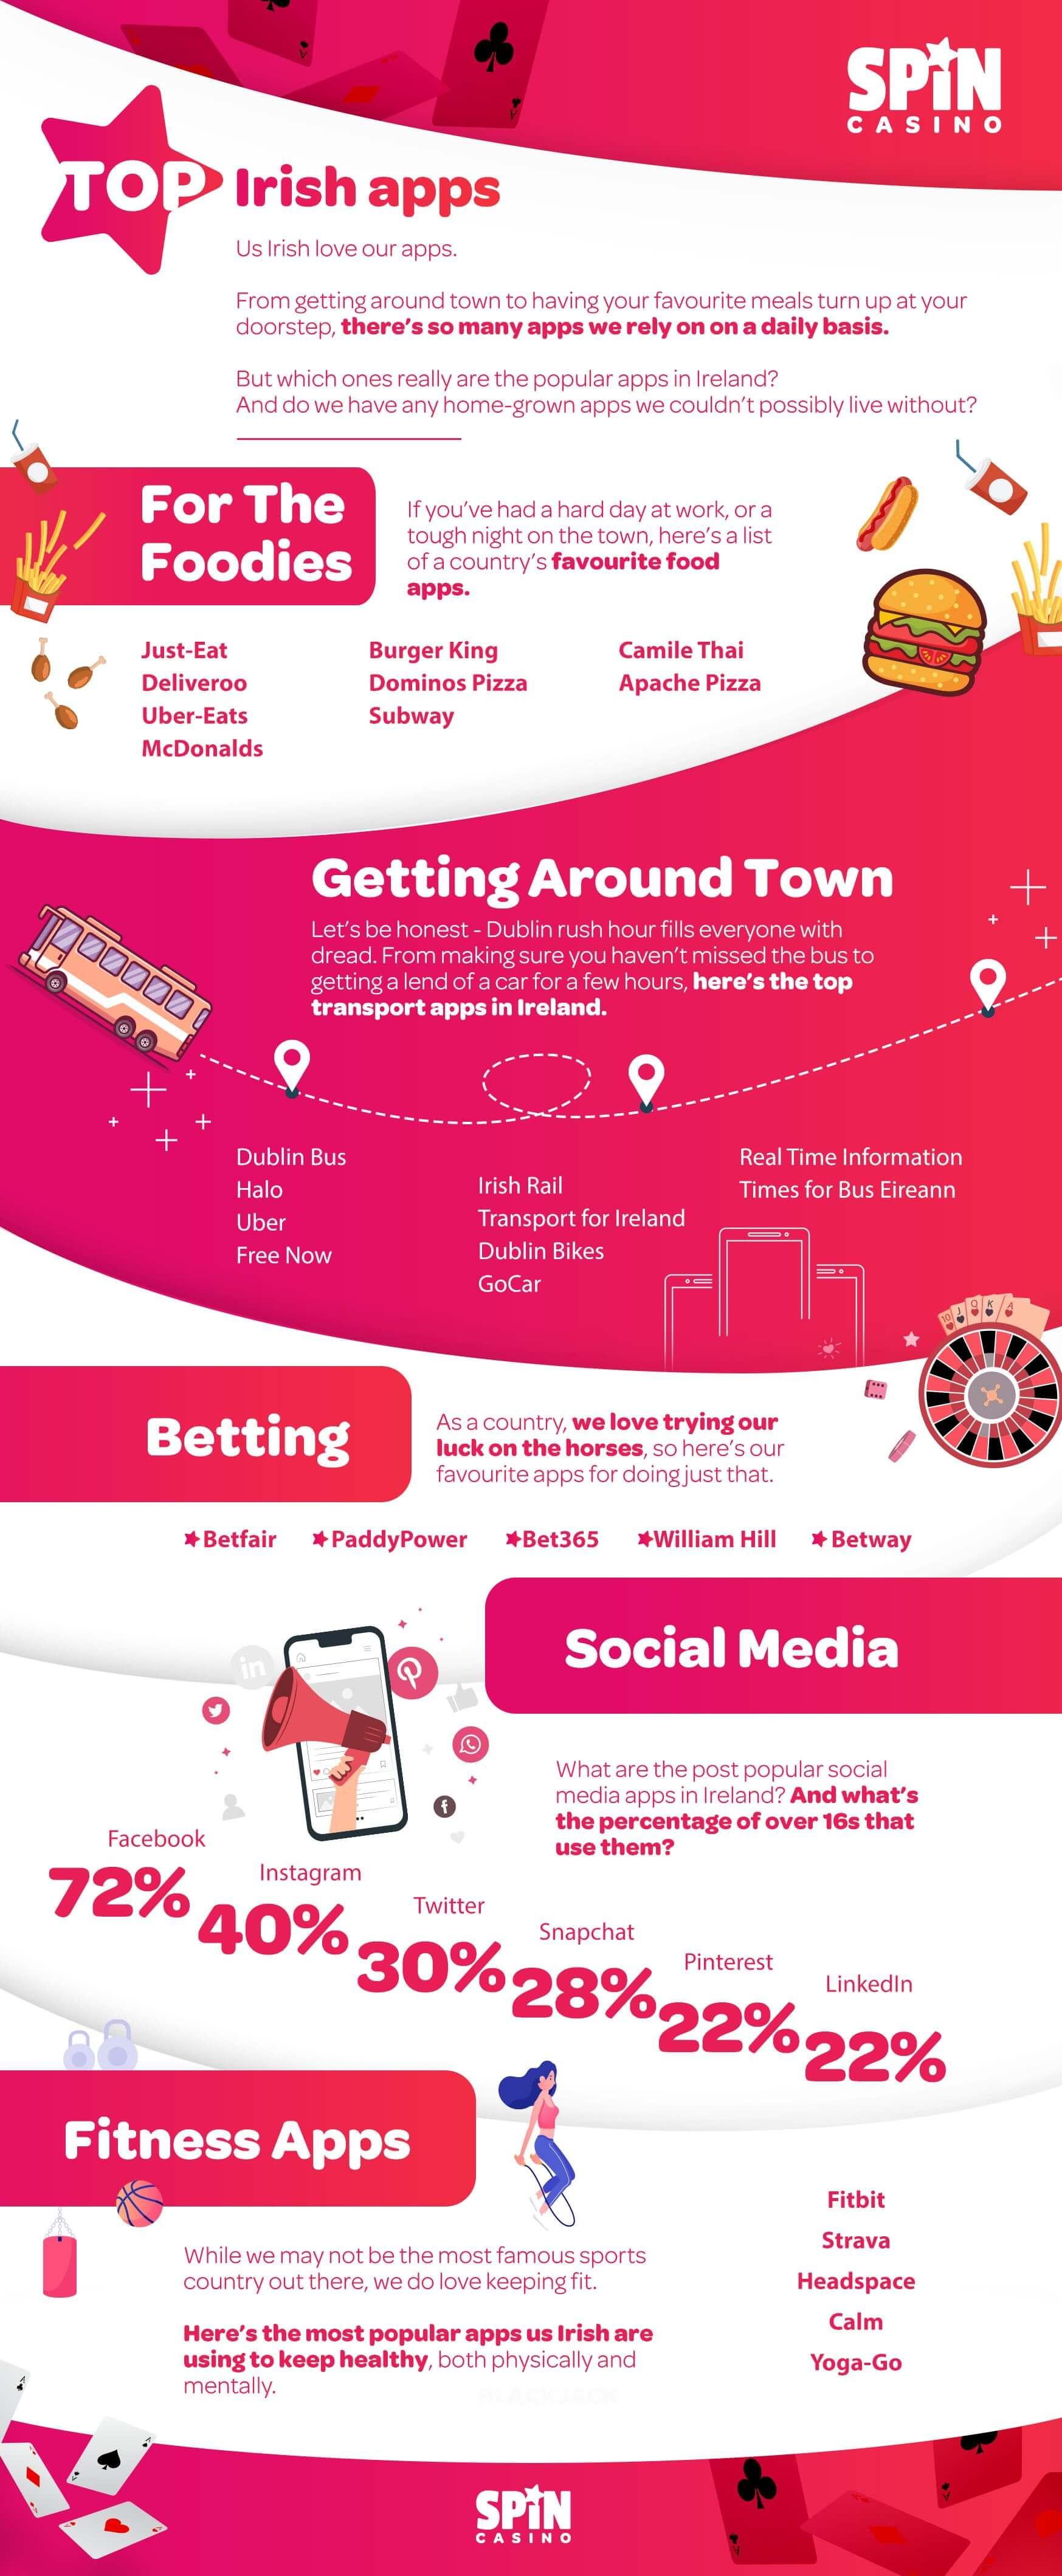 Top Online Casino Apps for Ireland